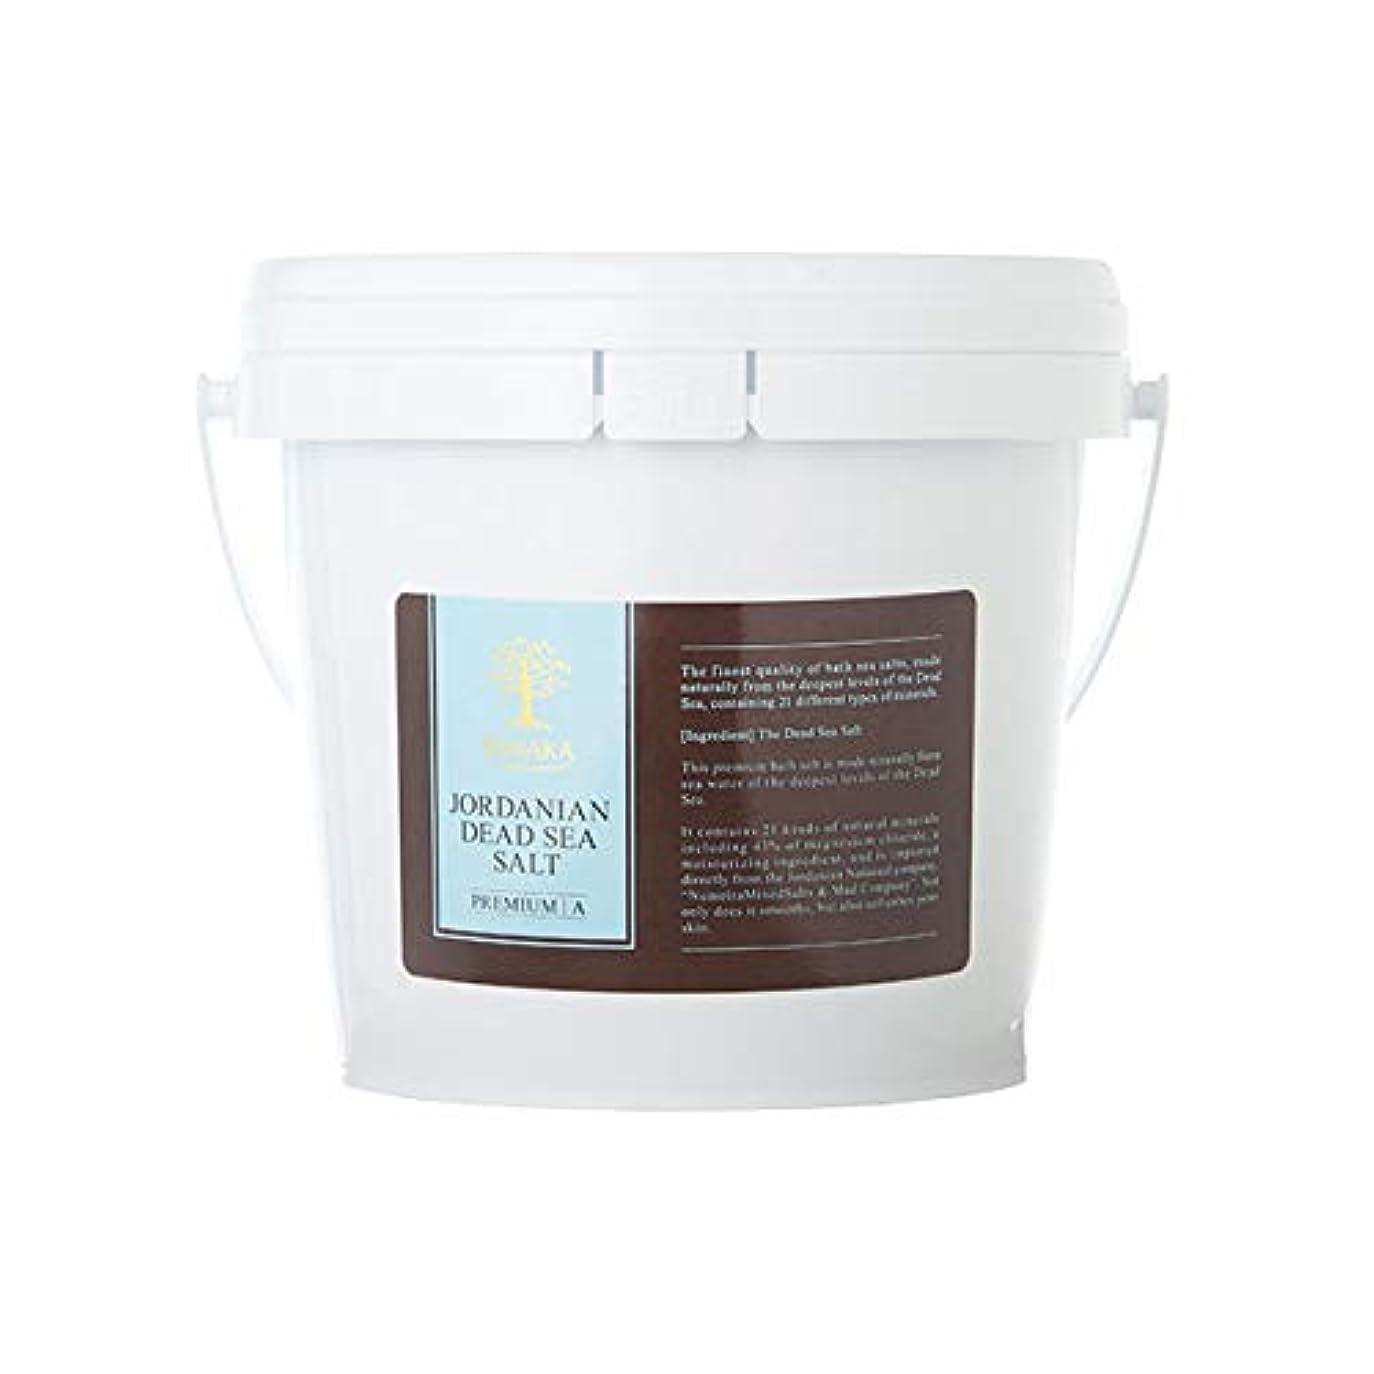 BARAKA(バラカ) ジョルダニアン デッドシー ソルト バケツ 1.5kg バスソルト 入浴剤 ヨルダン産死海塩100%